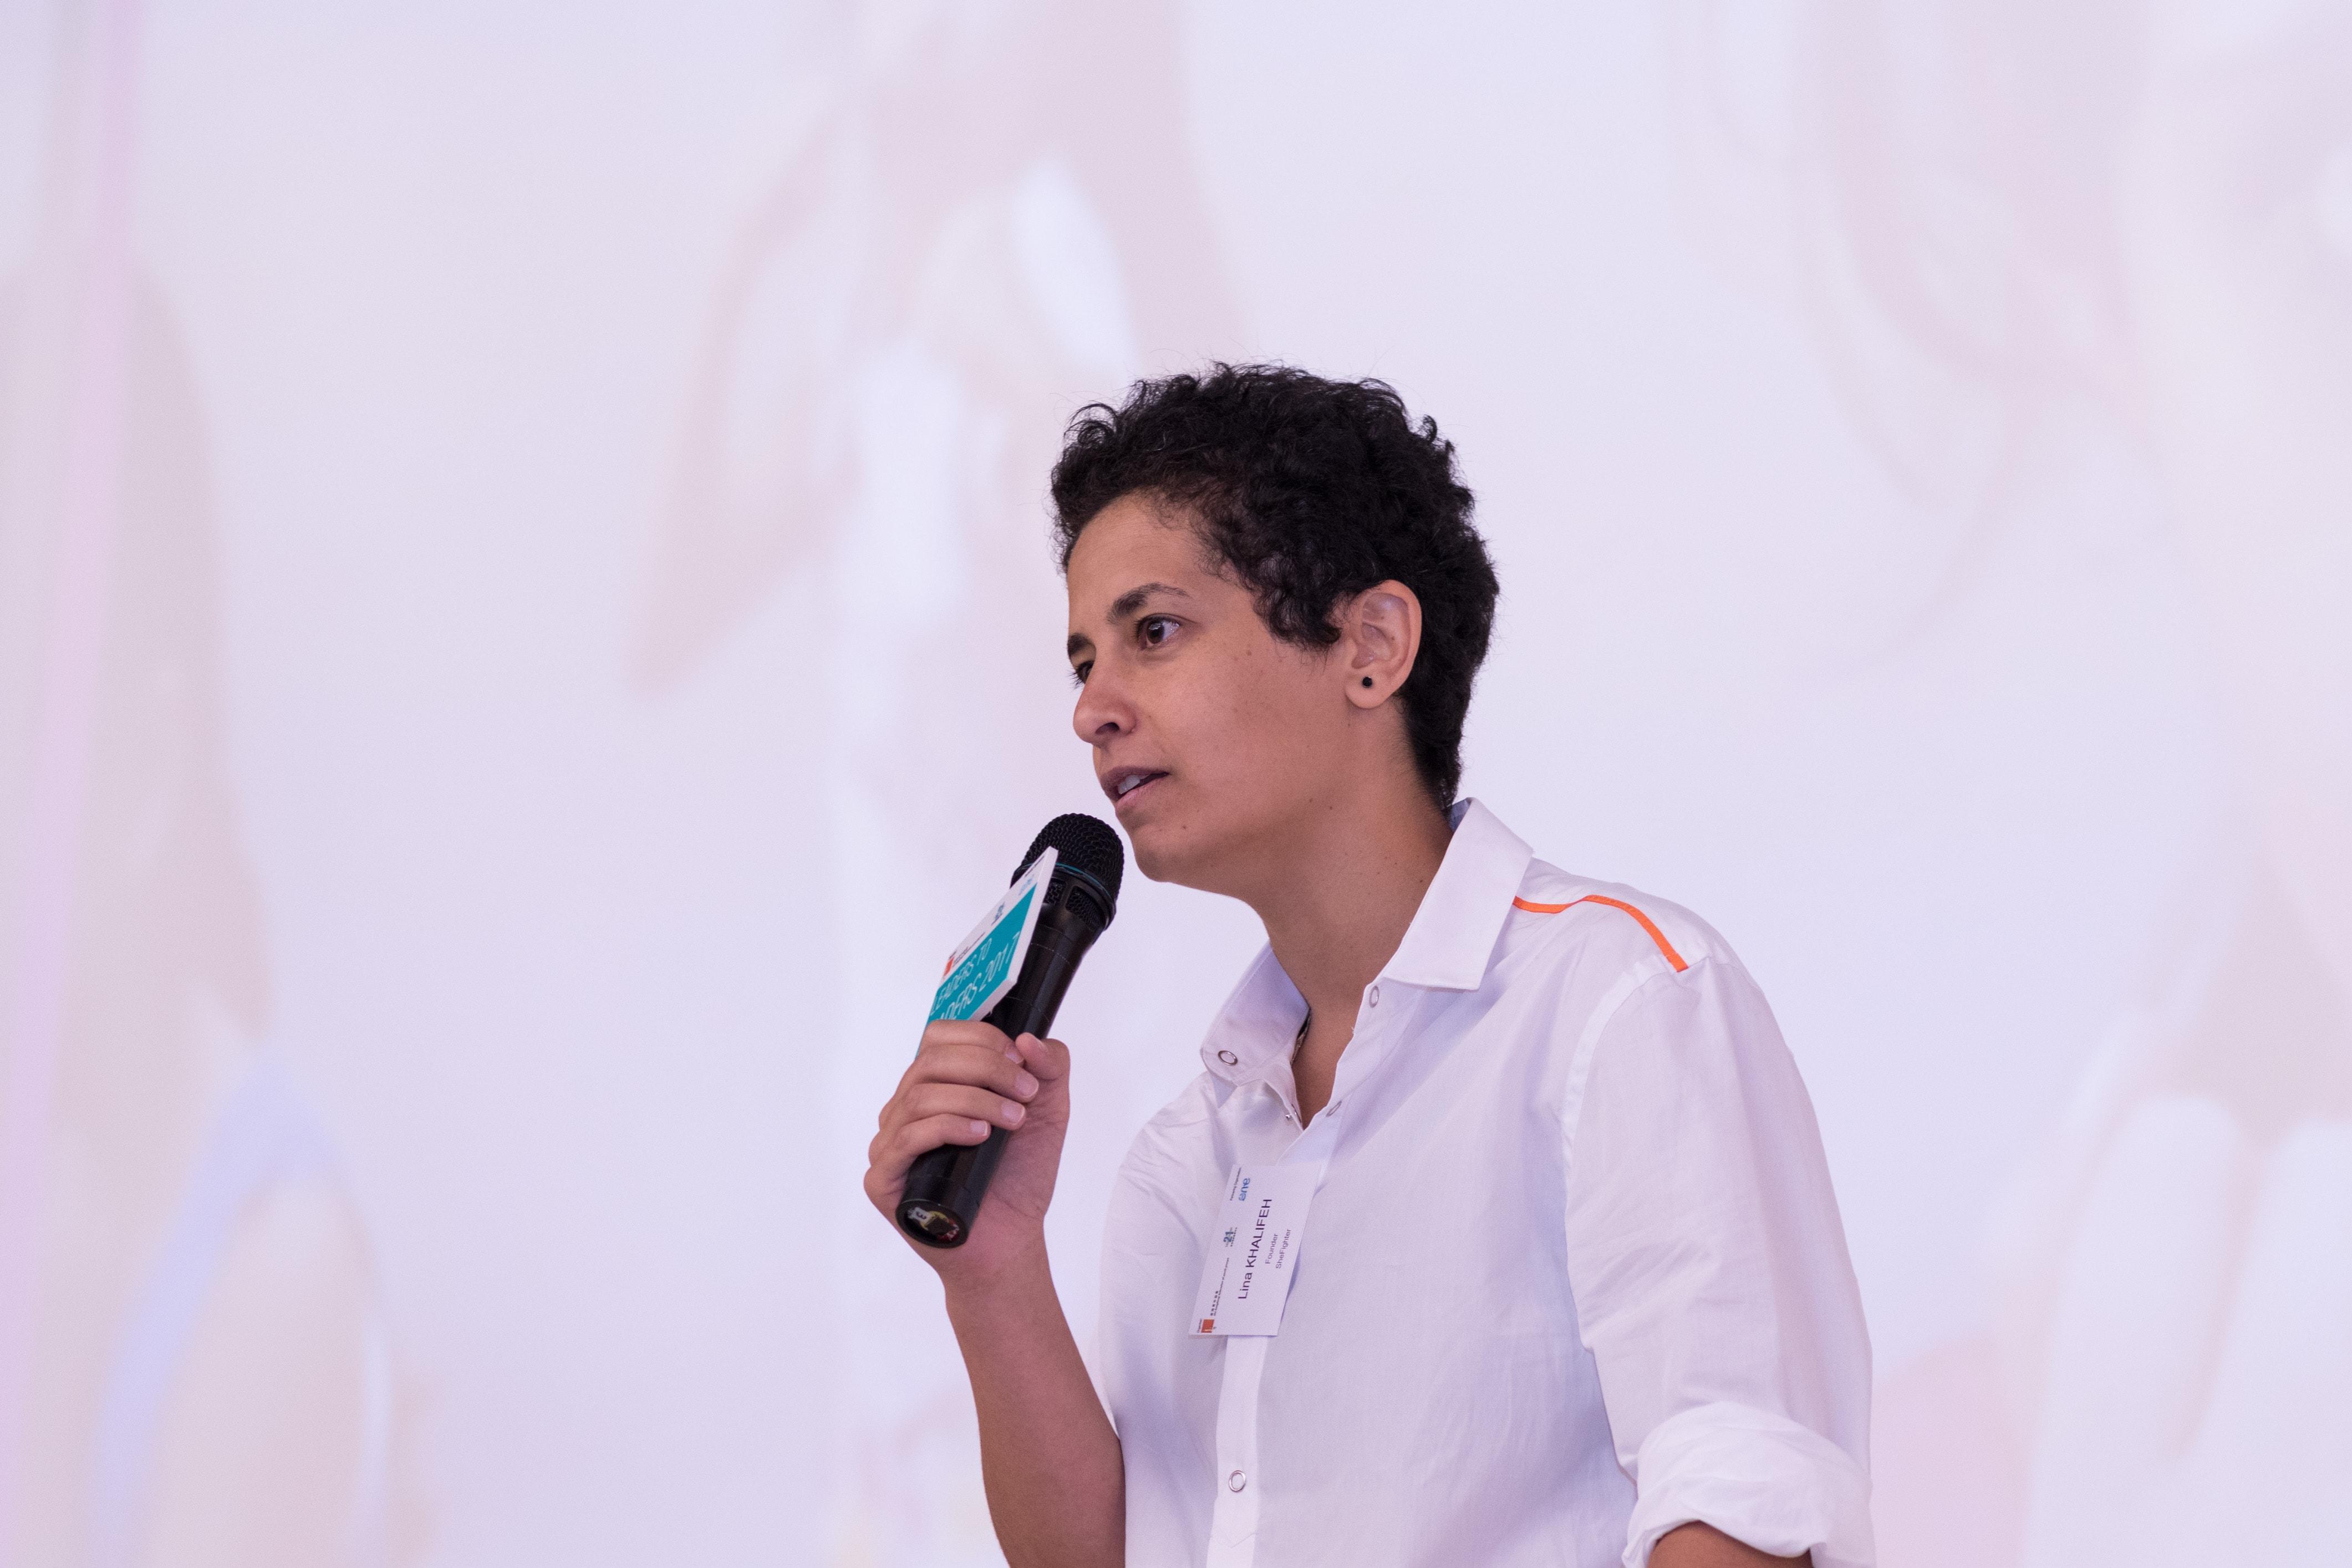 Speaking in Hongkong